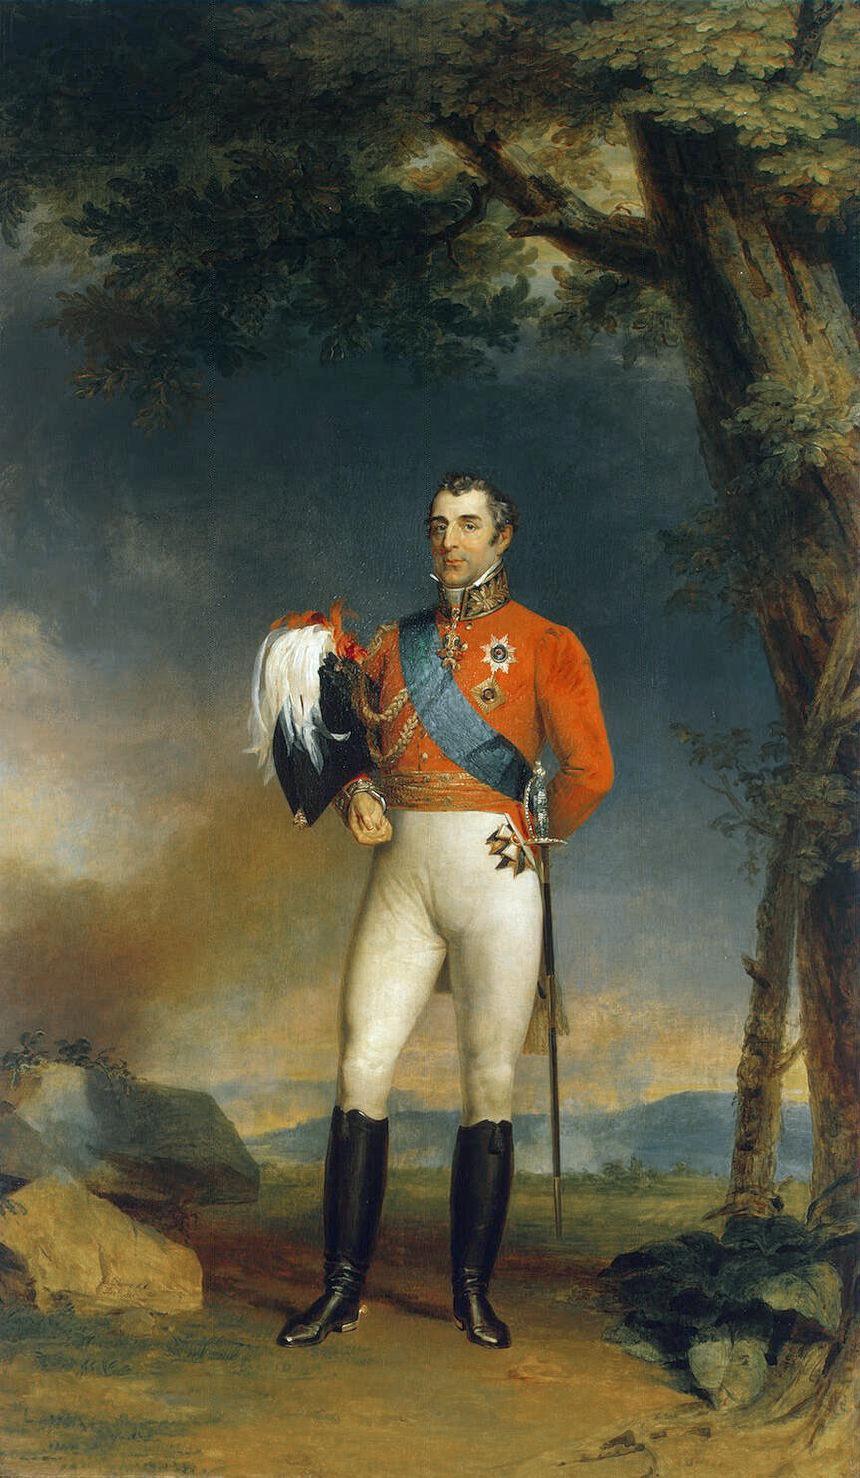 Duke of Wellington by George Dawe, 1829